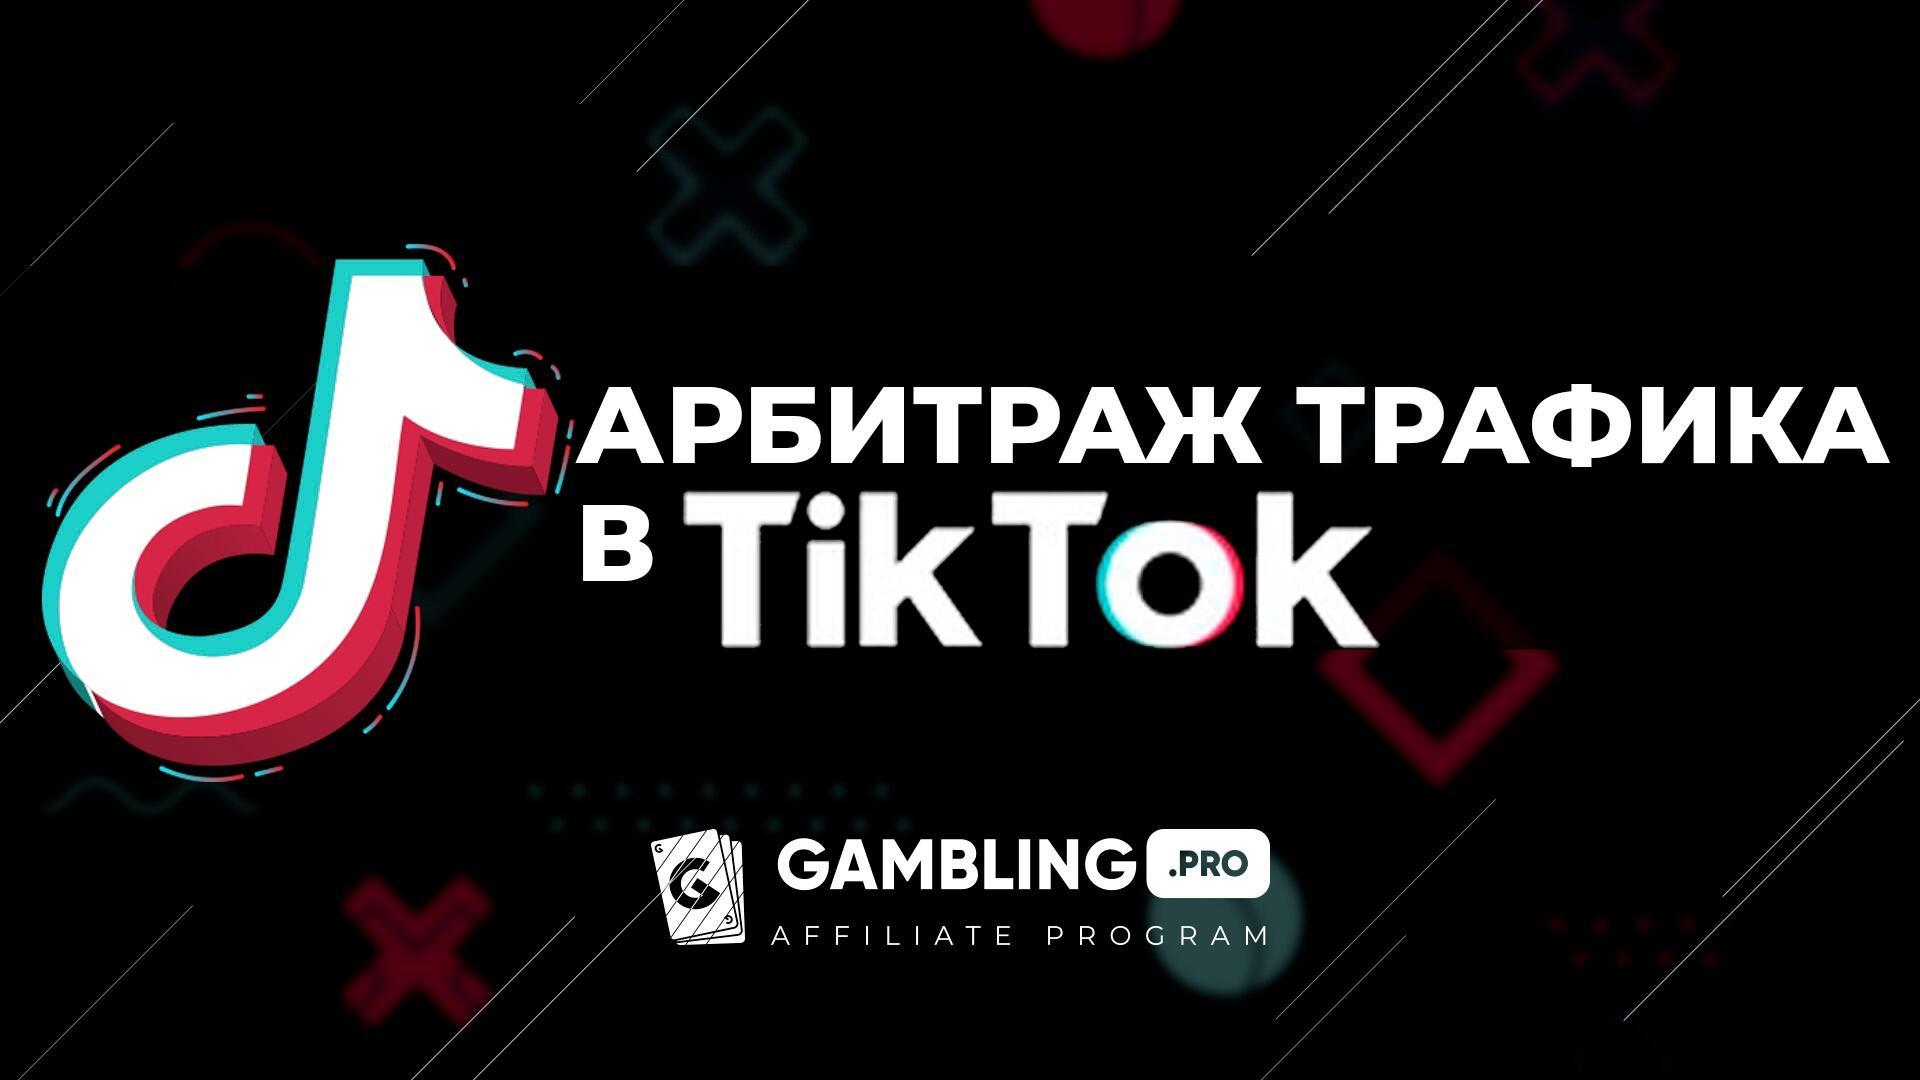 Арбитраж трафика на гемблинг как убрать казино вулкан видео